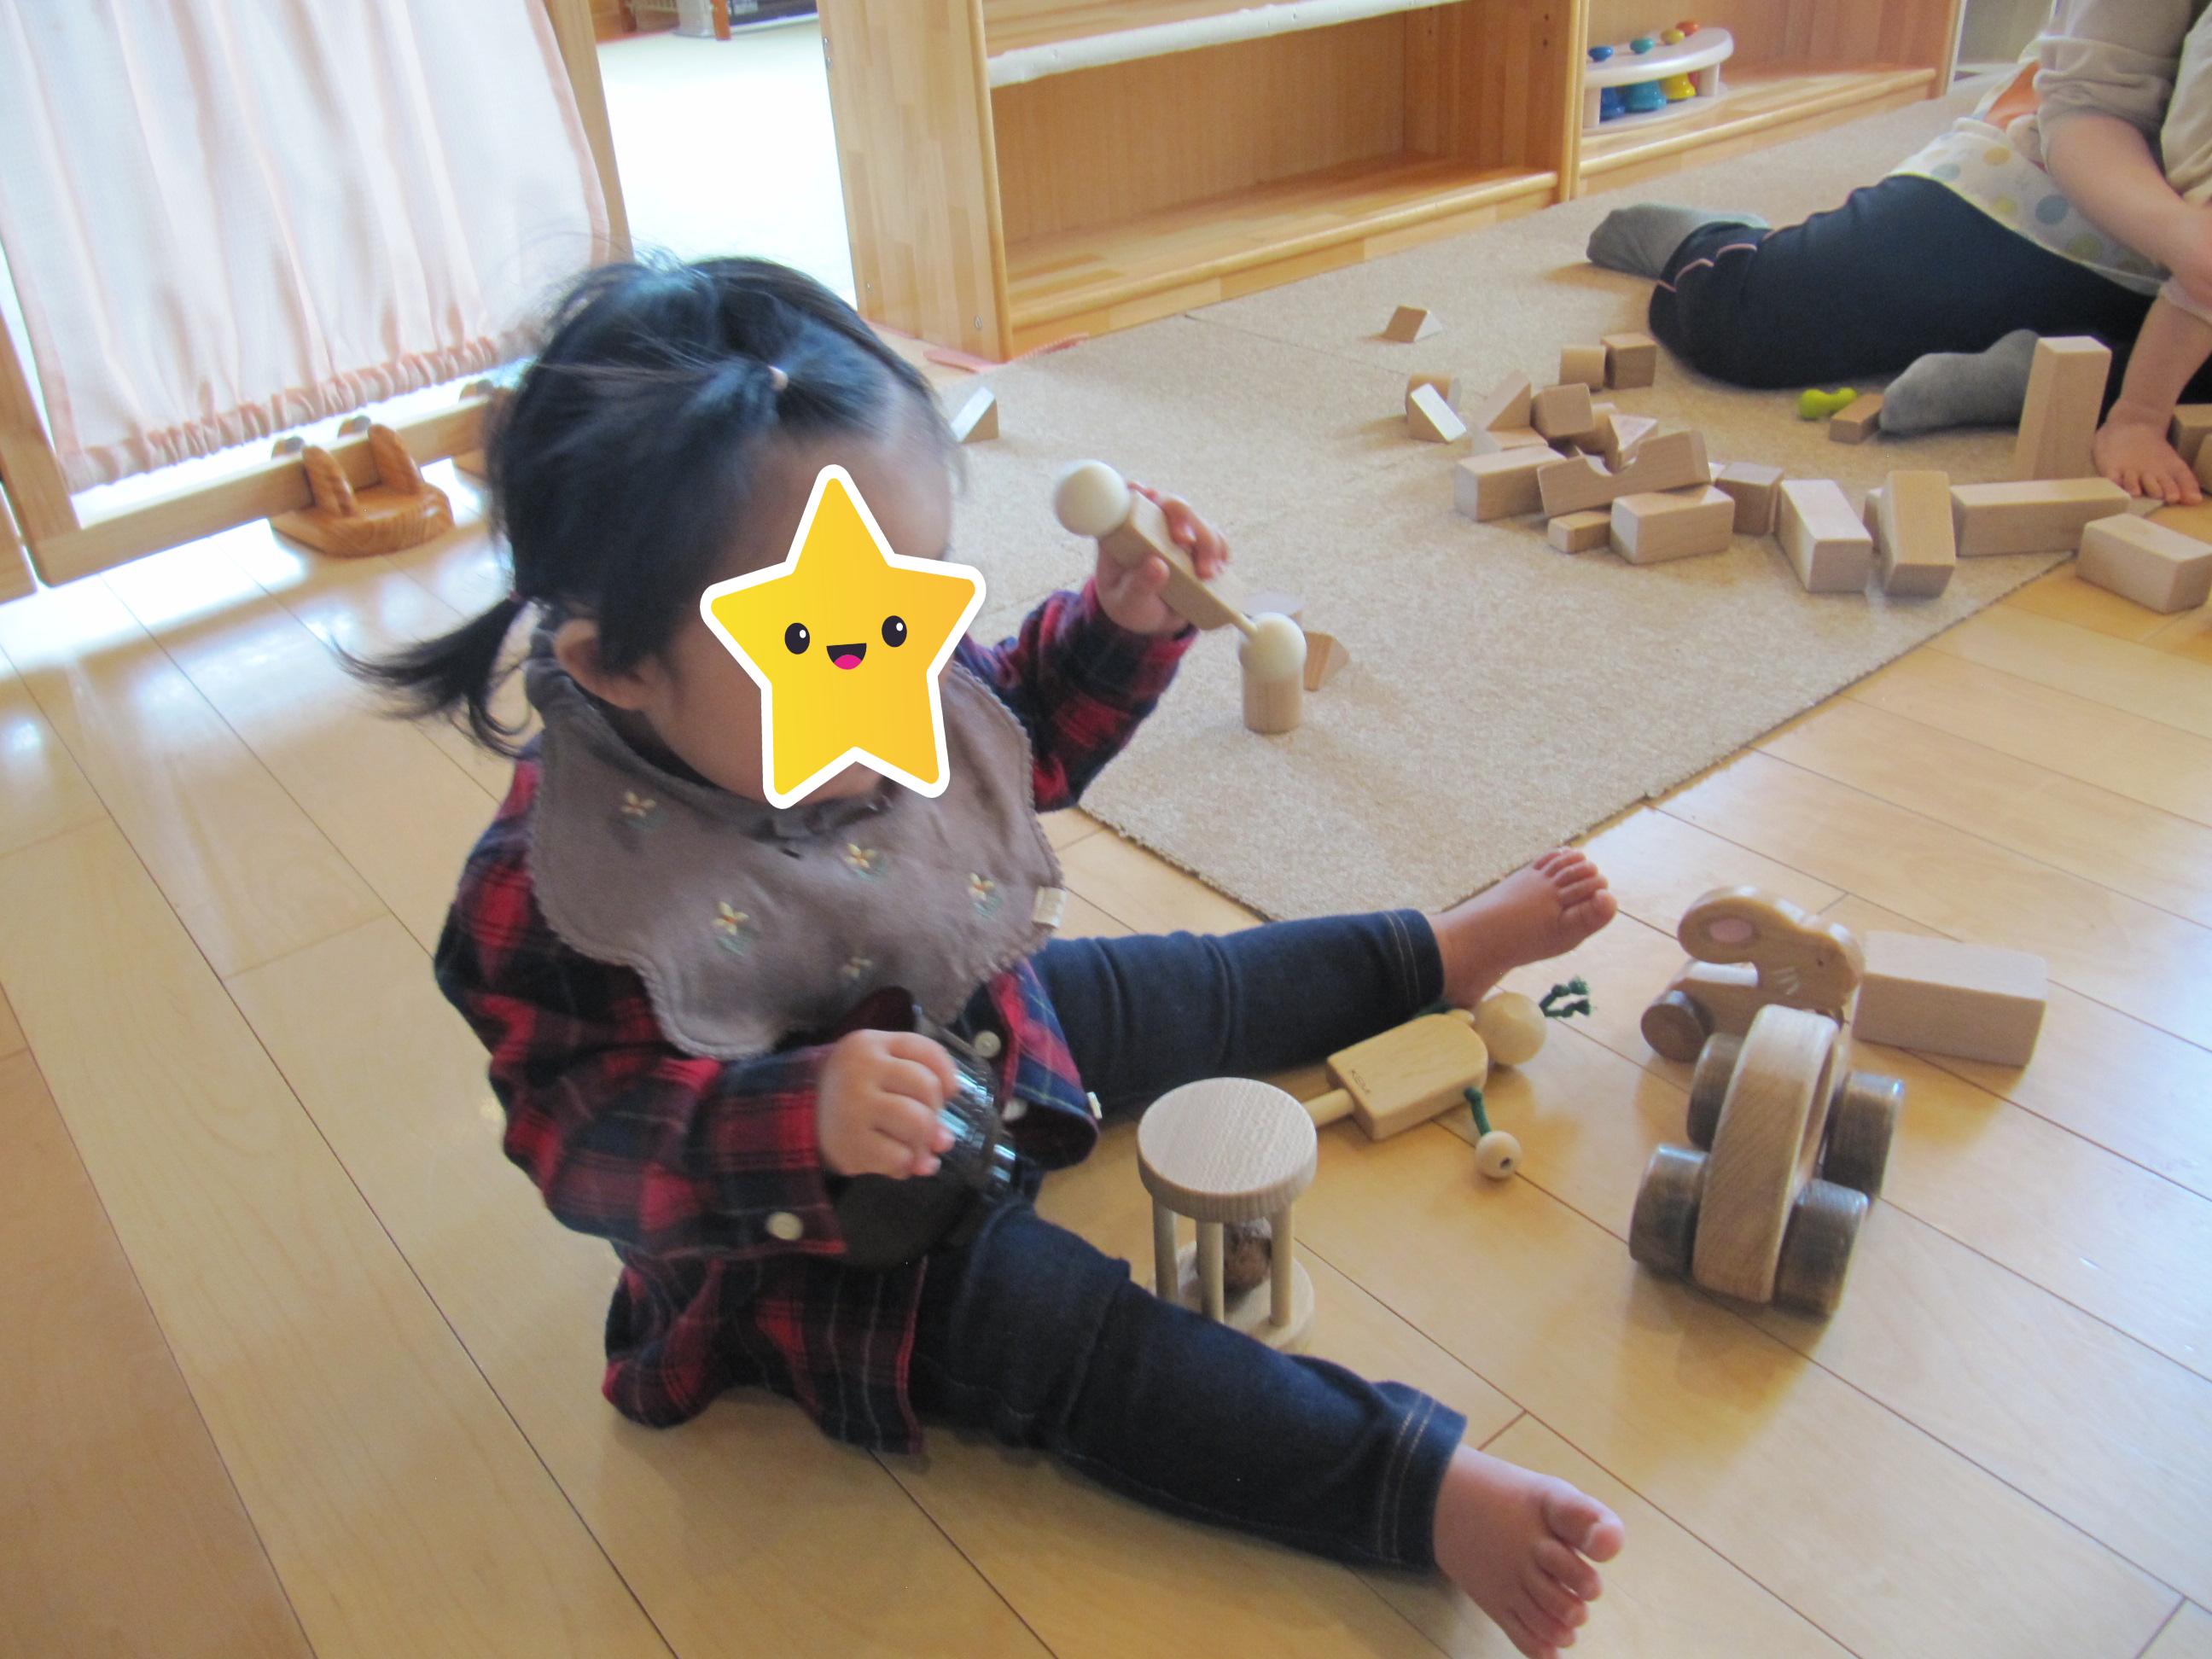 屯田園 どんぐり組さん新しい木のおもちゃにご機嫌😊